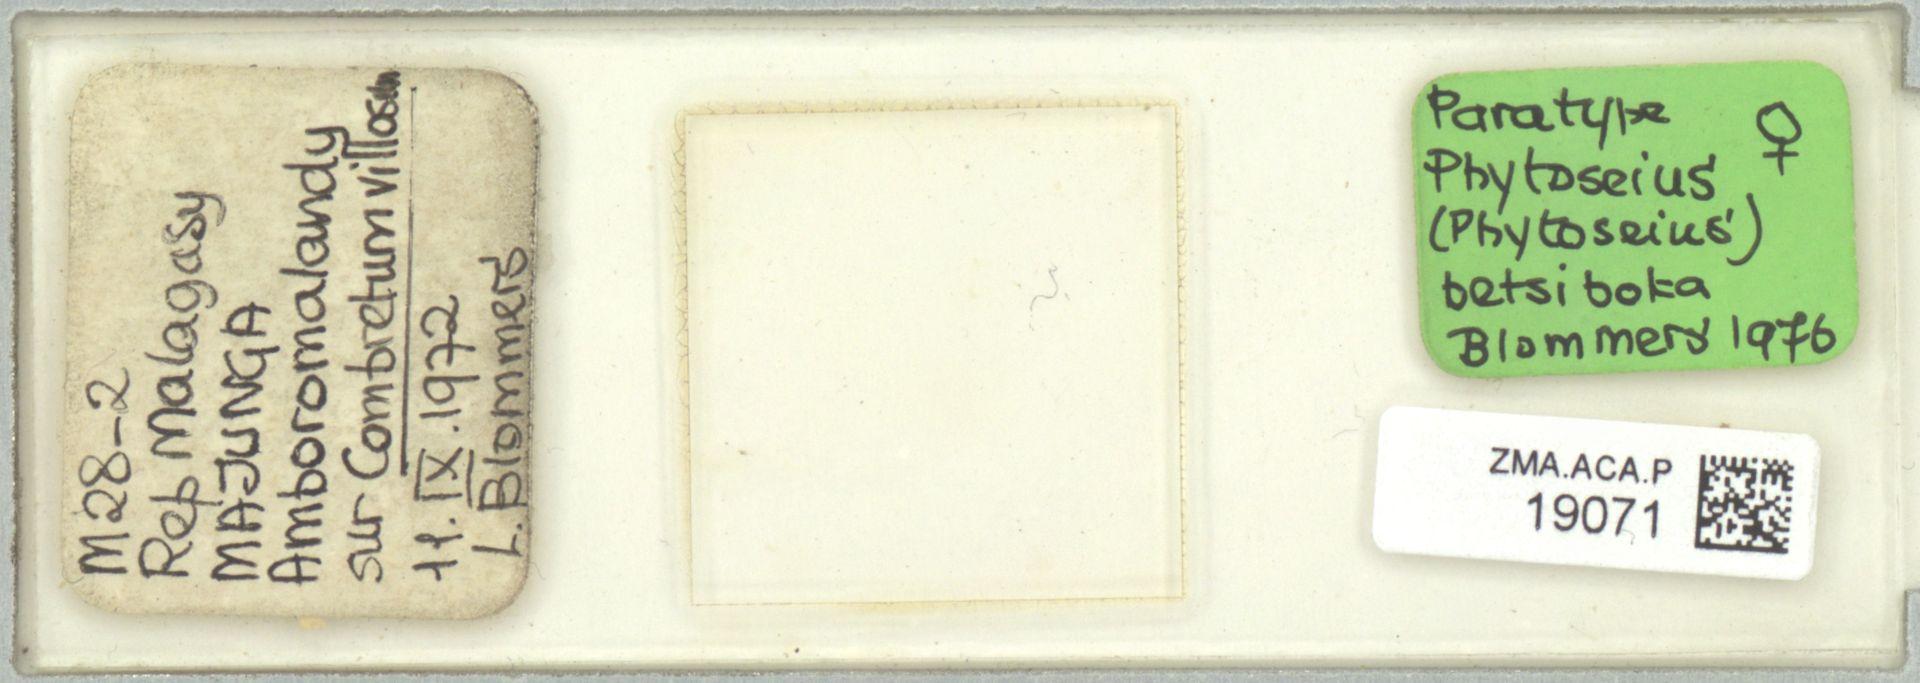 ZMA.ACA.P.19071   Phytoseius (Phytoseius) betsiboka Blommers, 1976